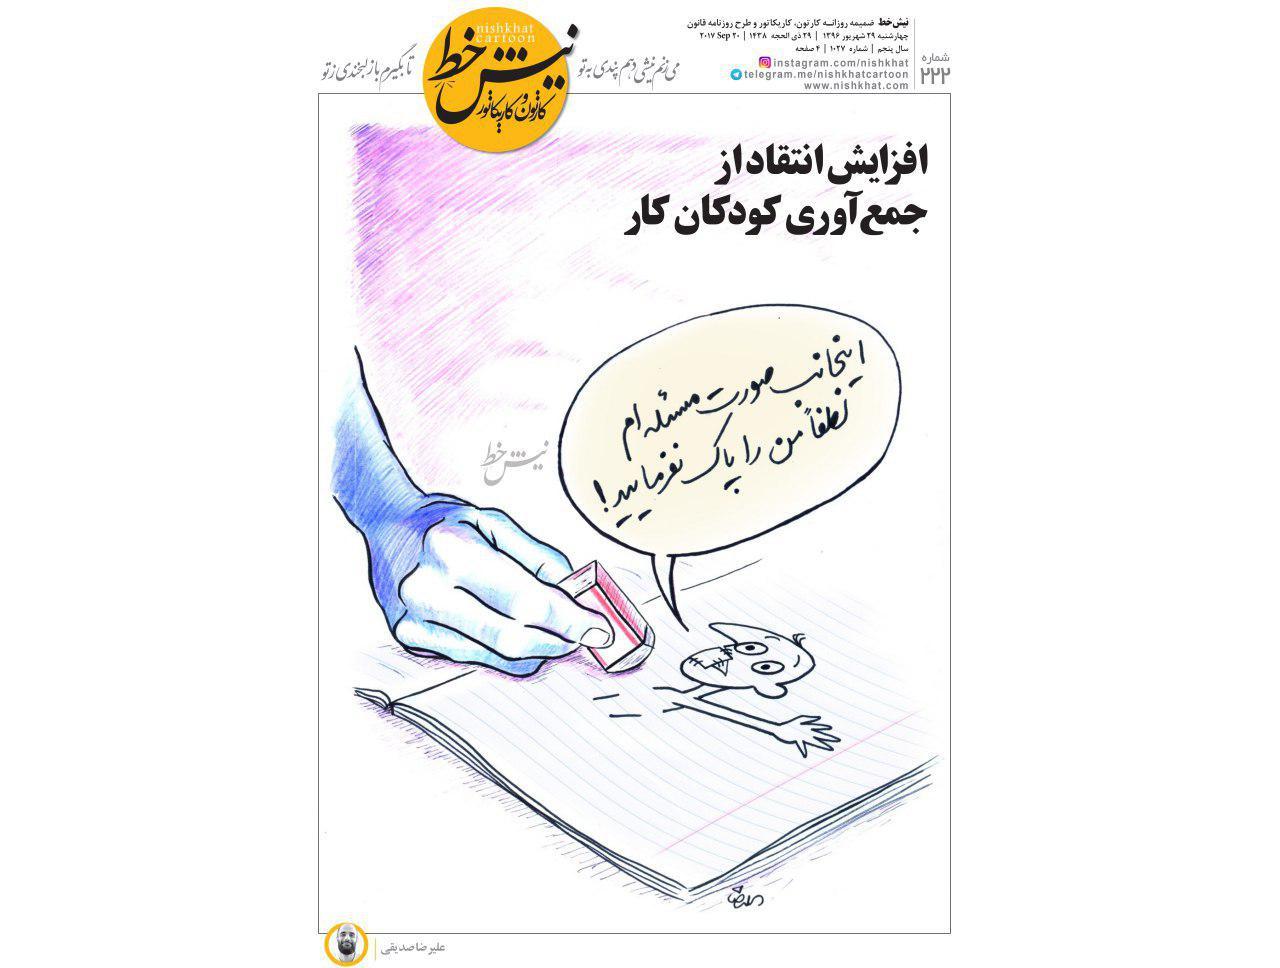 نیشخط کارتون/ افزایش انتقاد از جمع آوری کودکان کار